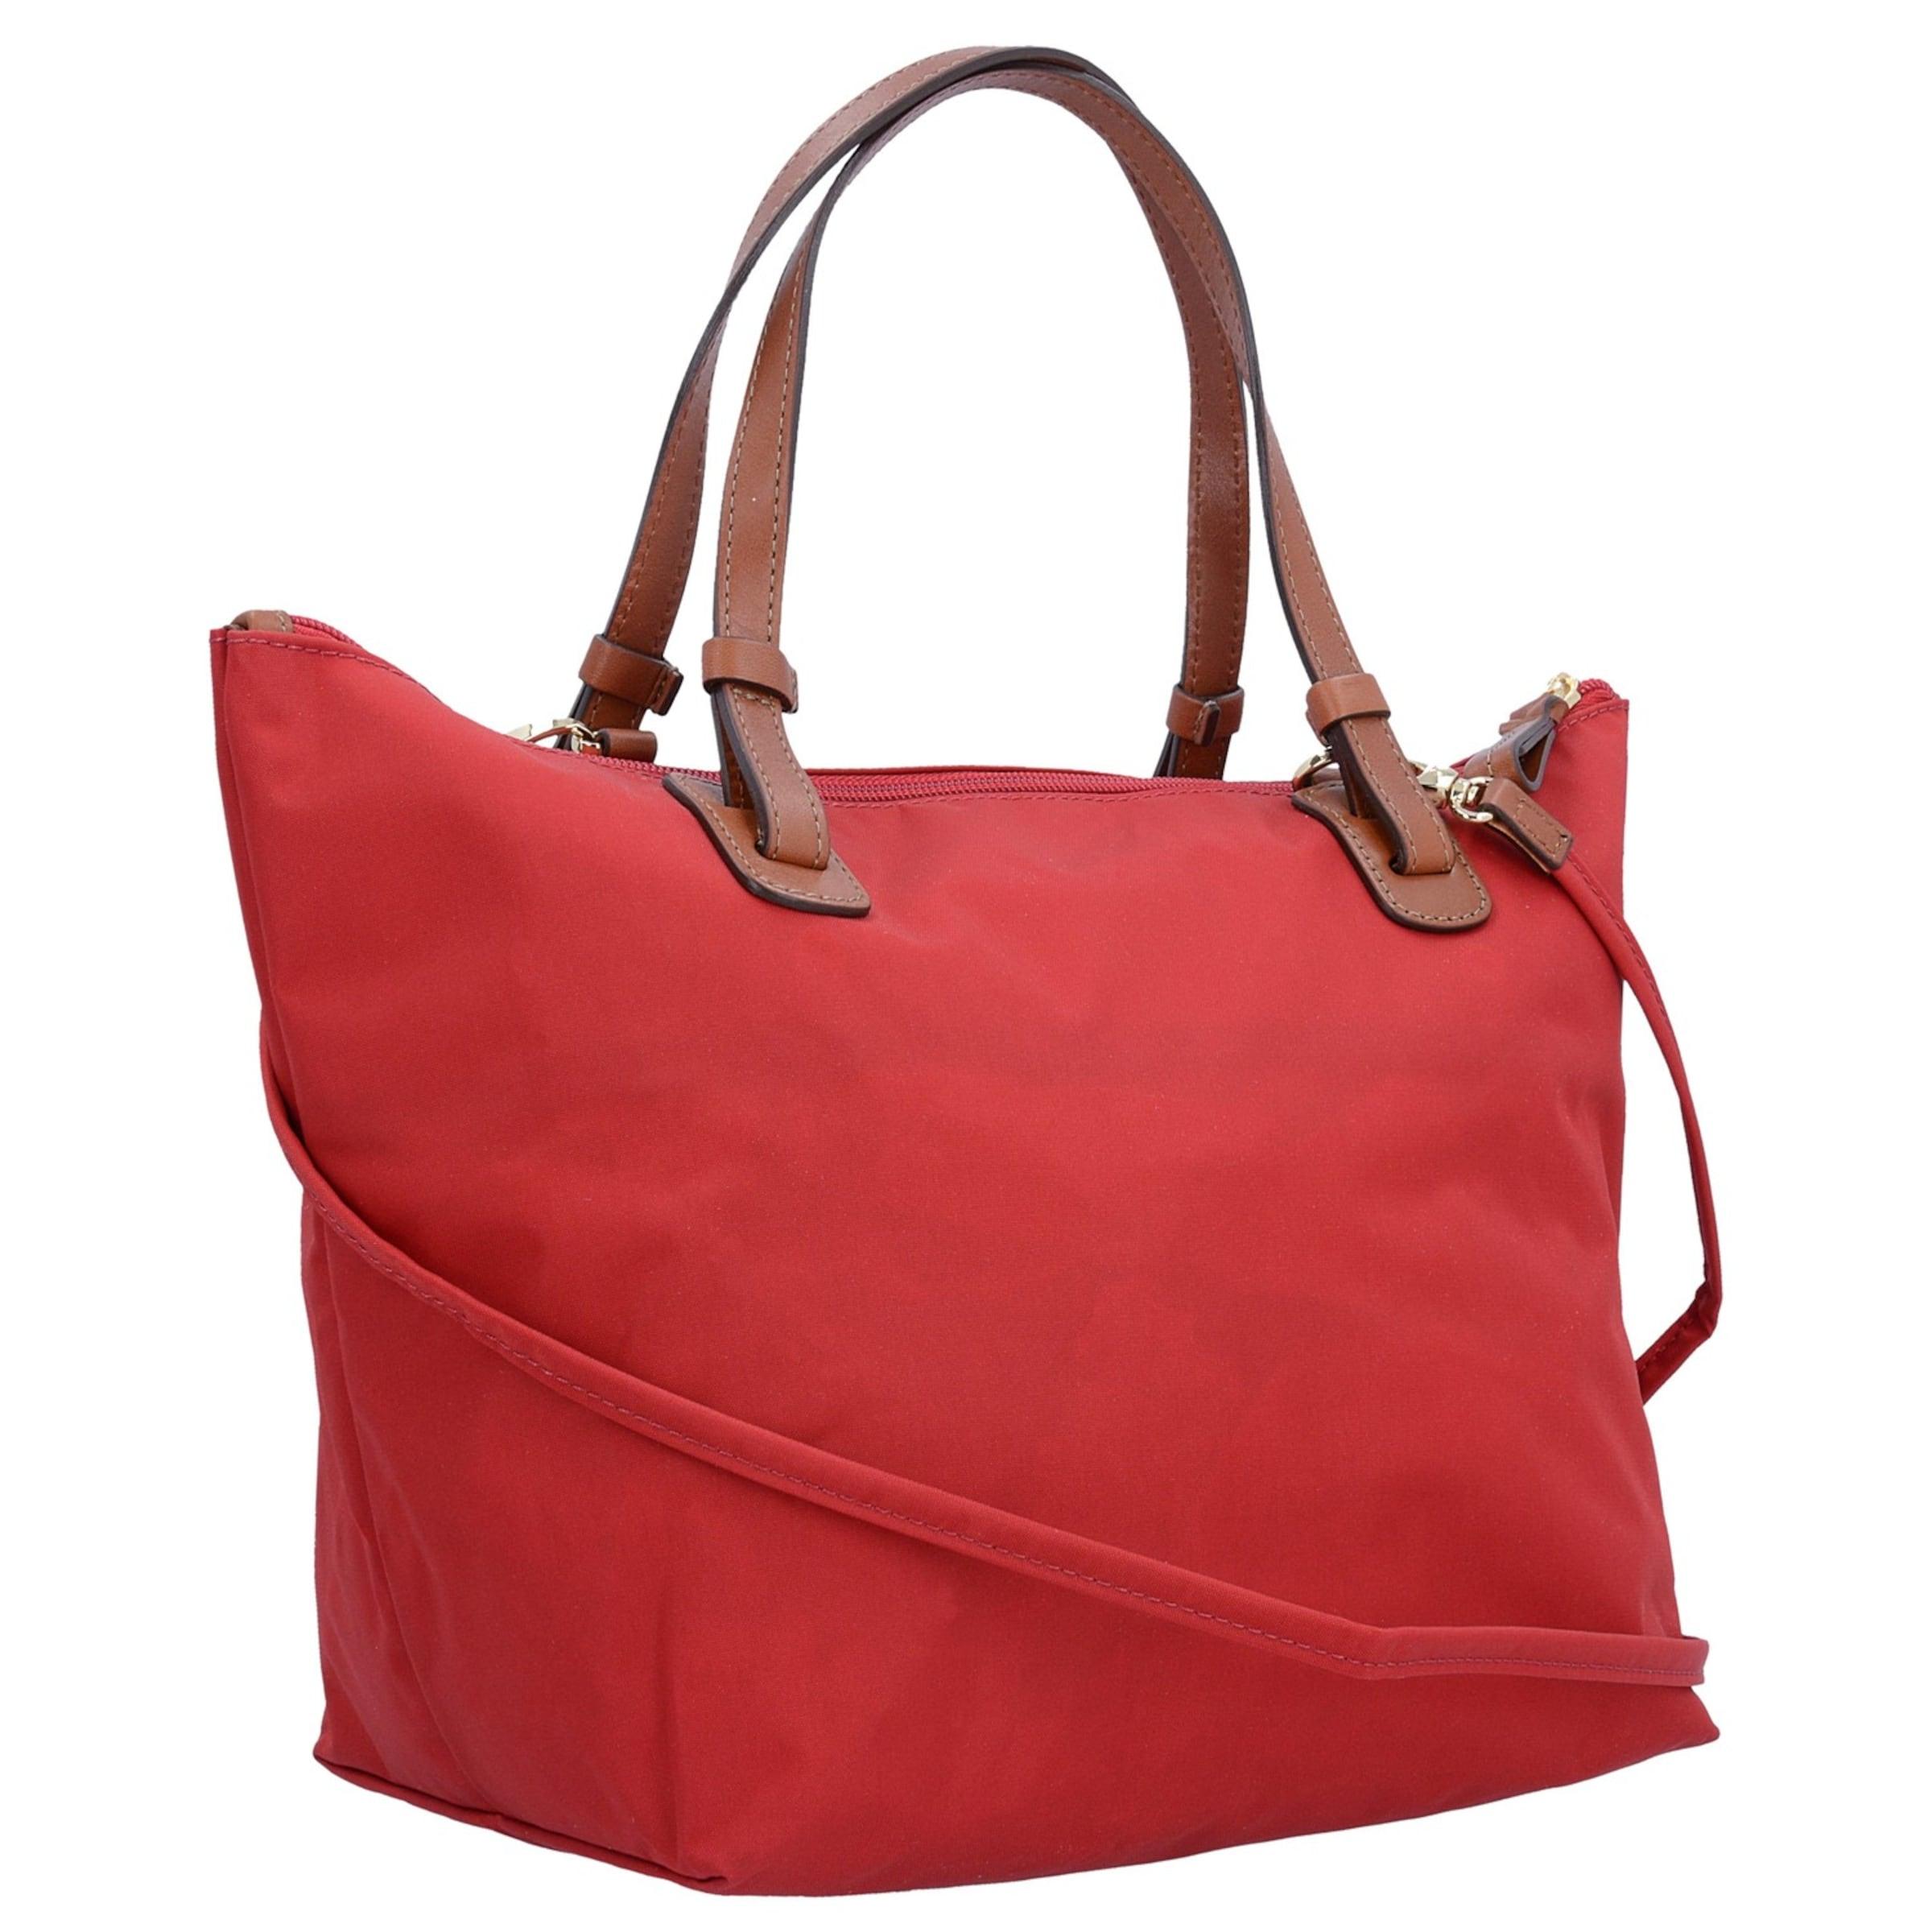 Bester Verkauf Bric's X-Bag Handtasche 24 cm Billig Perfekt Online-Shop Aus Deutschland GXbyvuH